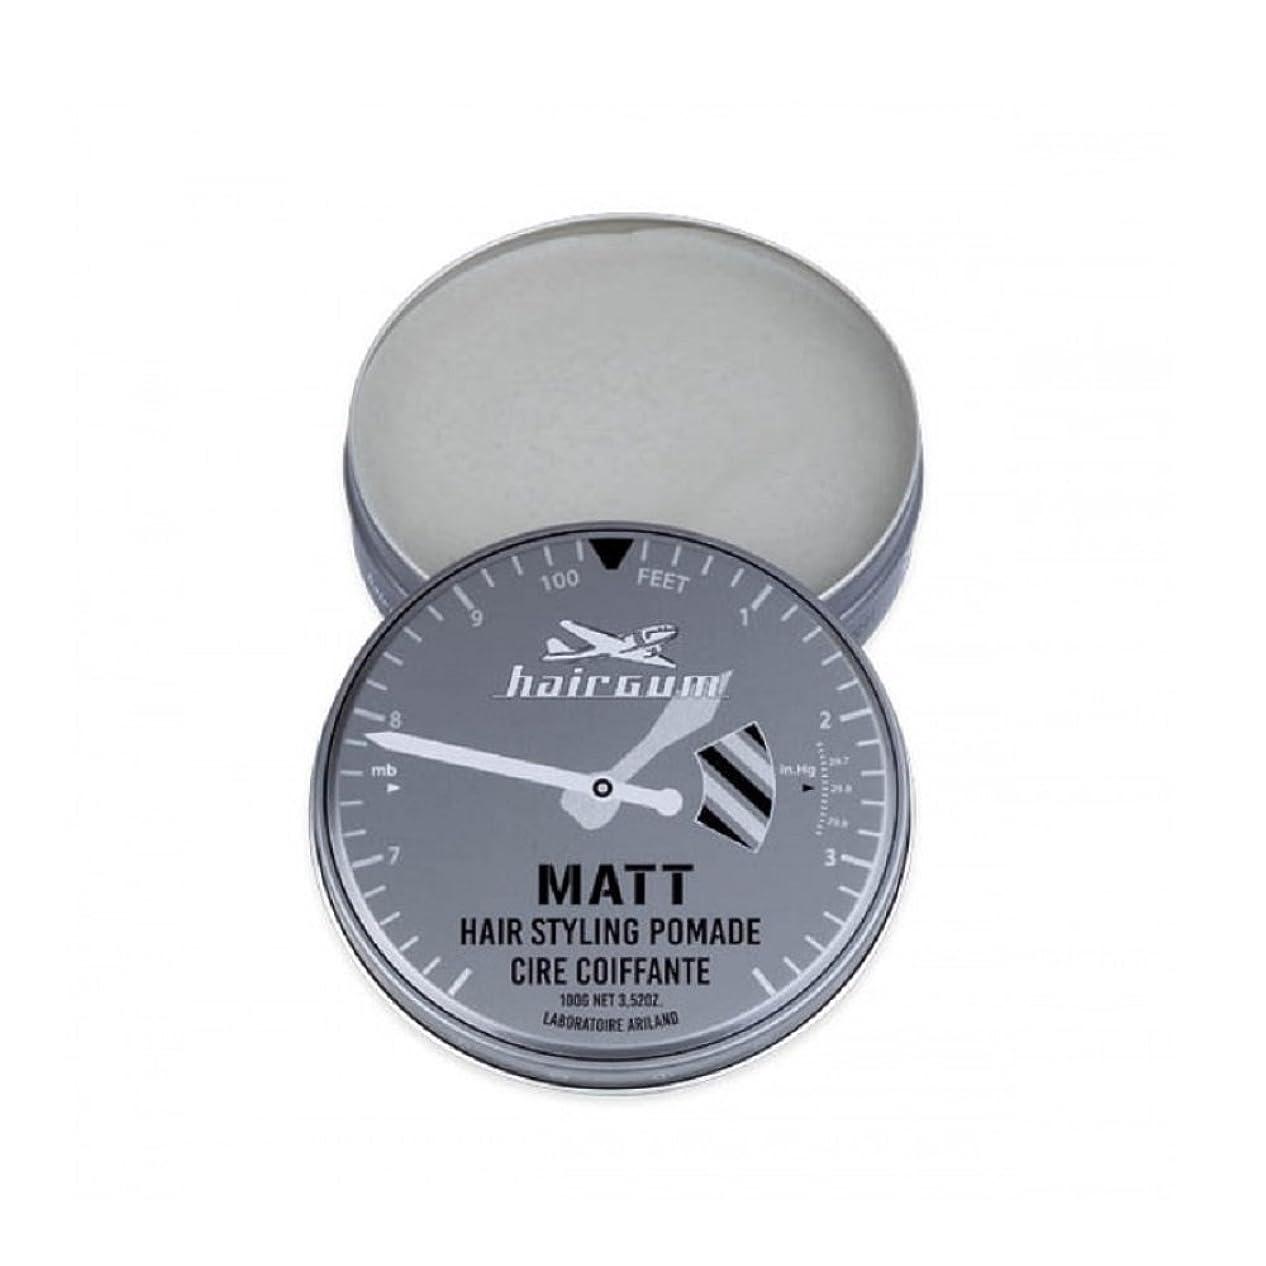 降伏未使用シネウィhairgum(ヘアガム) Matt Pomade 100g ヘアガム マット 油性 ポマード グリース